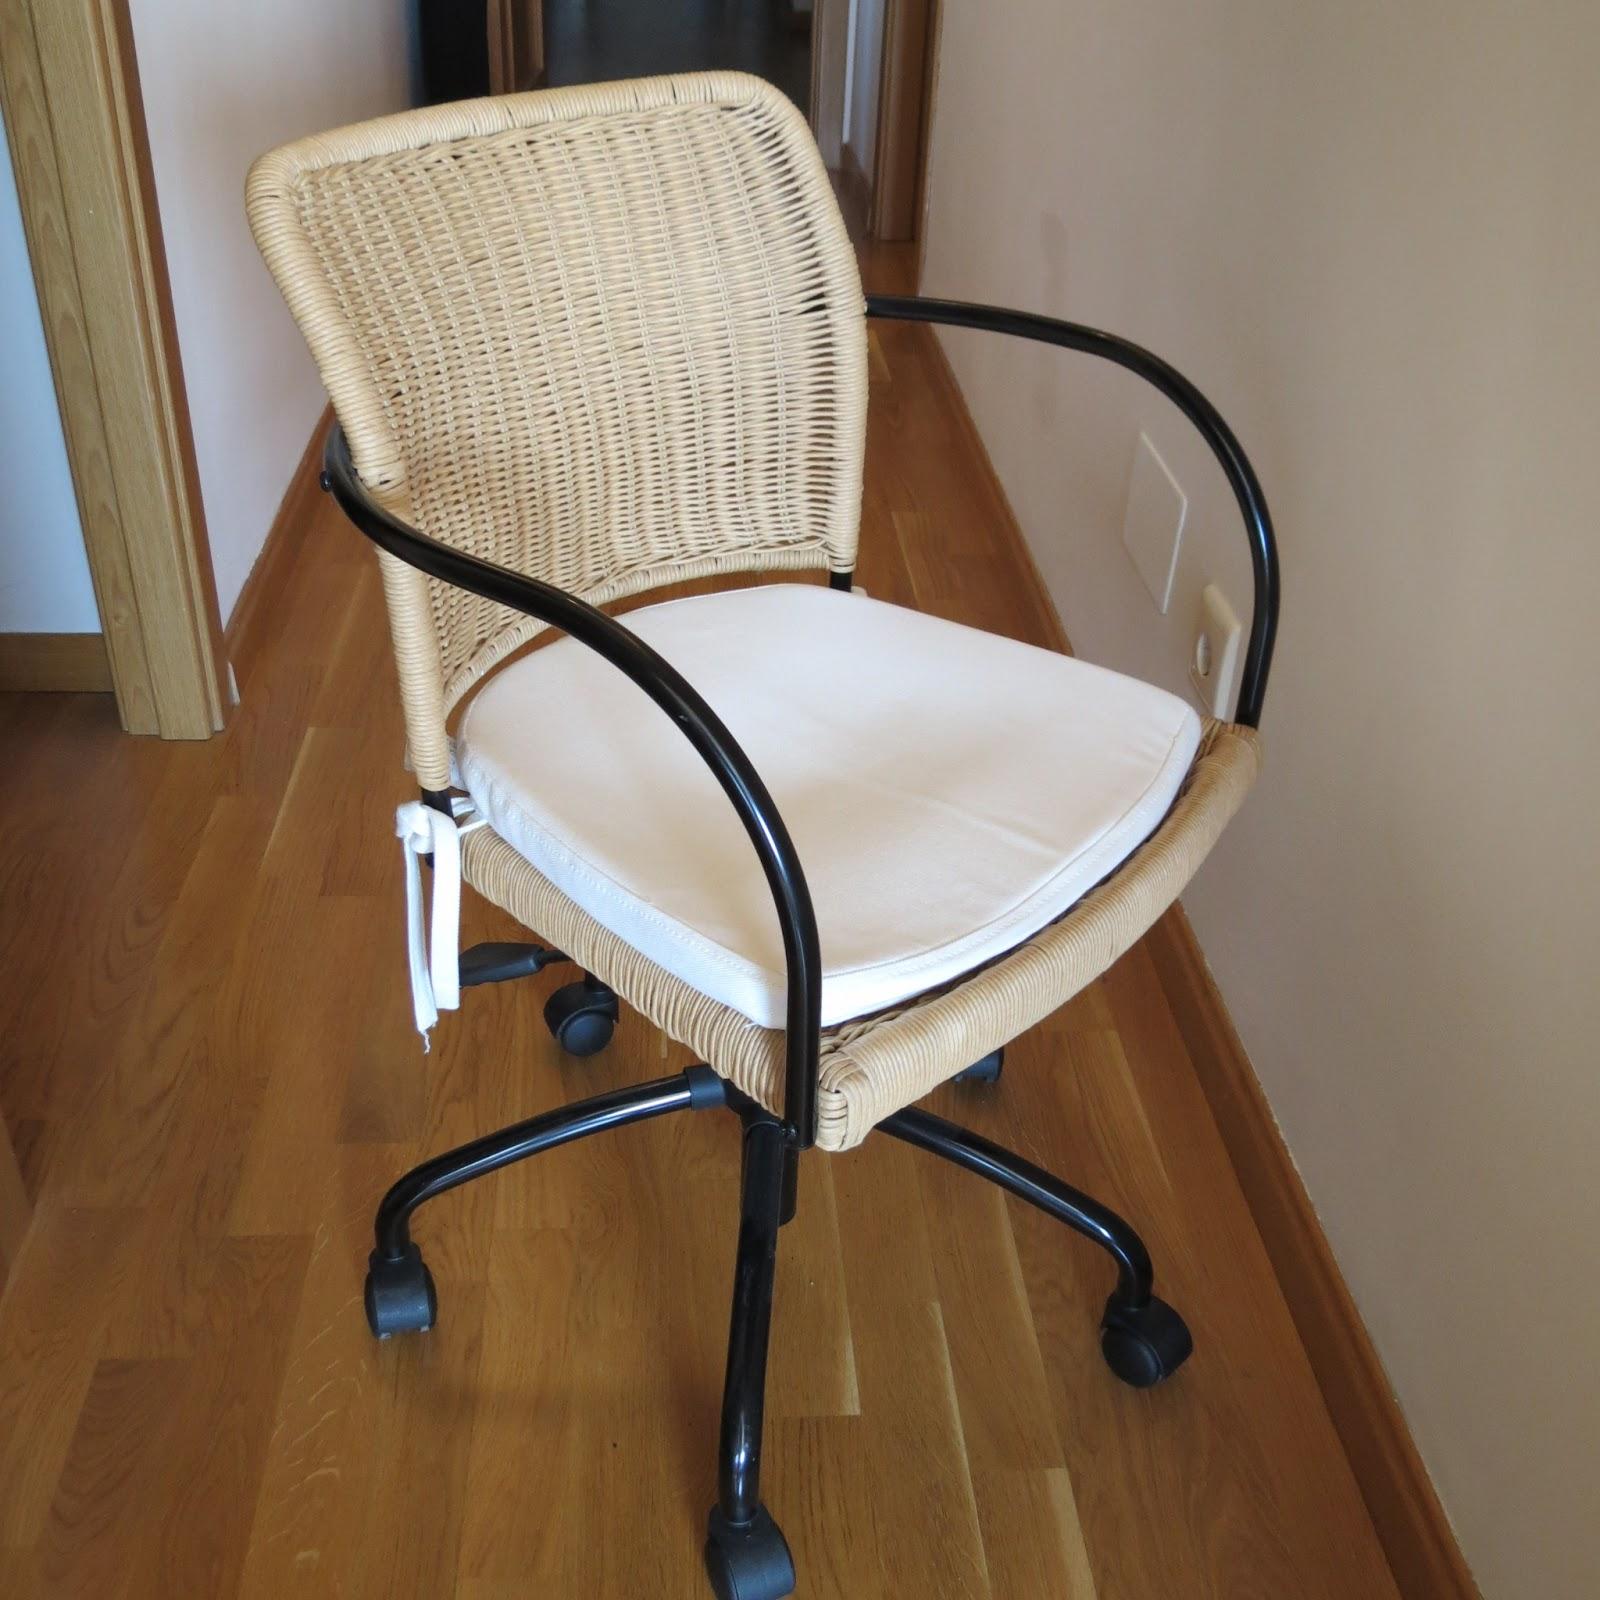 Ikea Gregor Chair Best Gaming Under 200 Silla Dodot Mejor Combinacin Con Eames Sillas